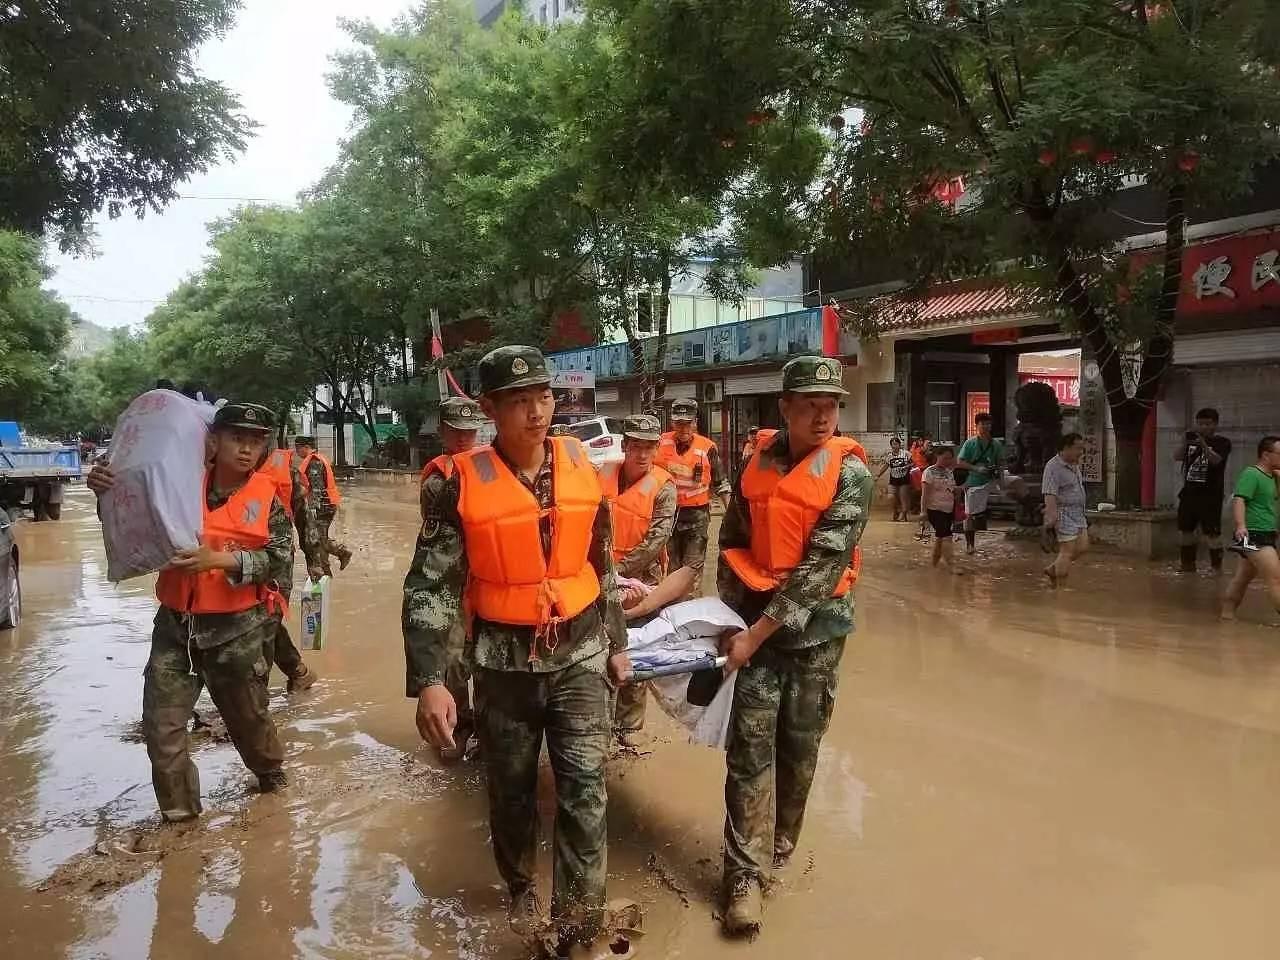 △陕西子洲县特大洪灾,救援职员举行抢险事情。图/视觉中国